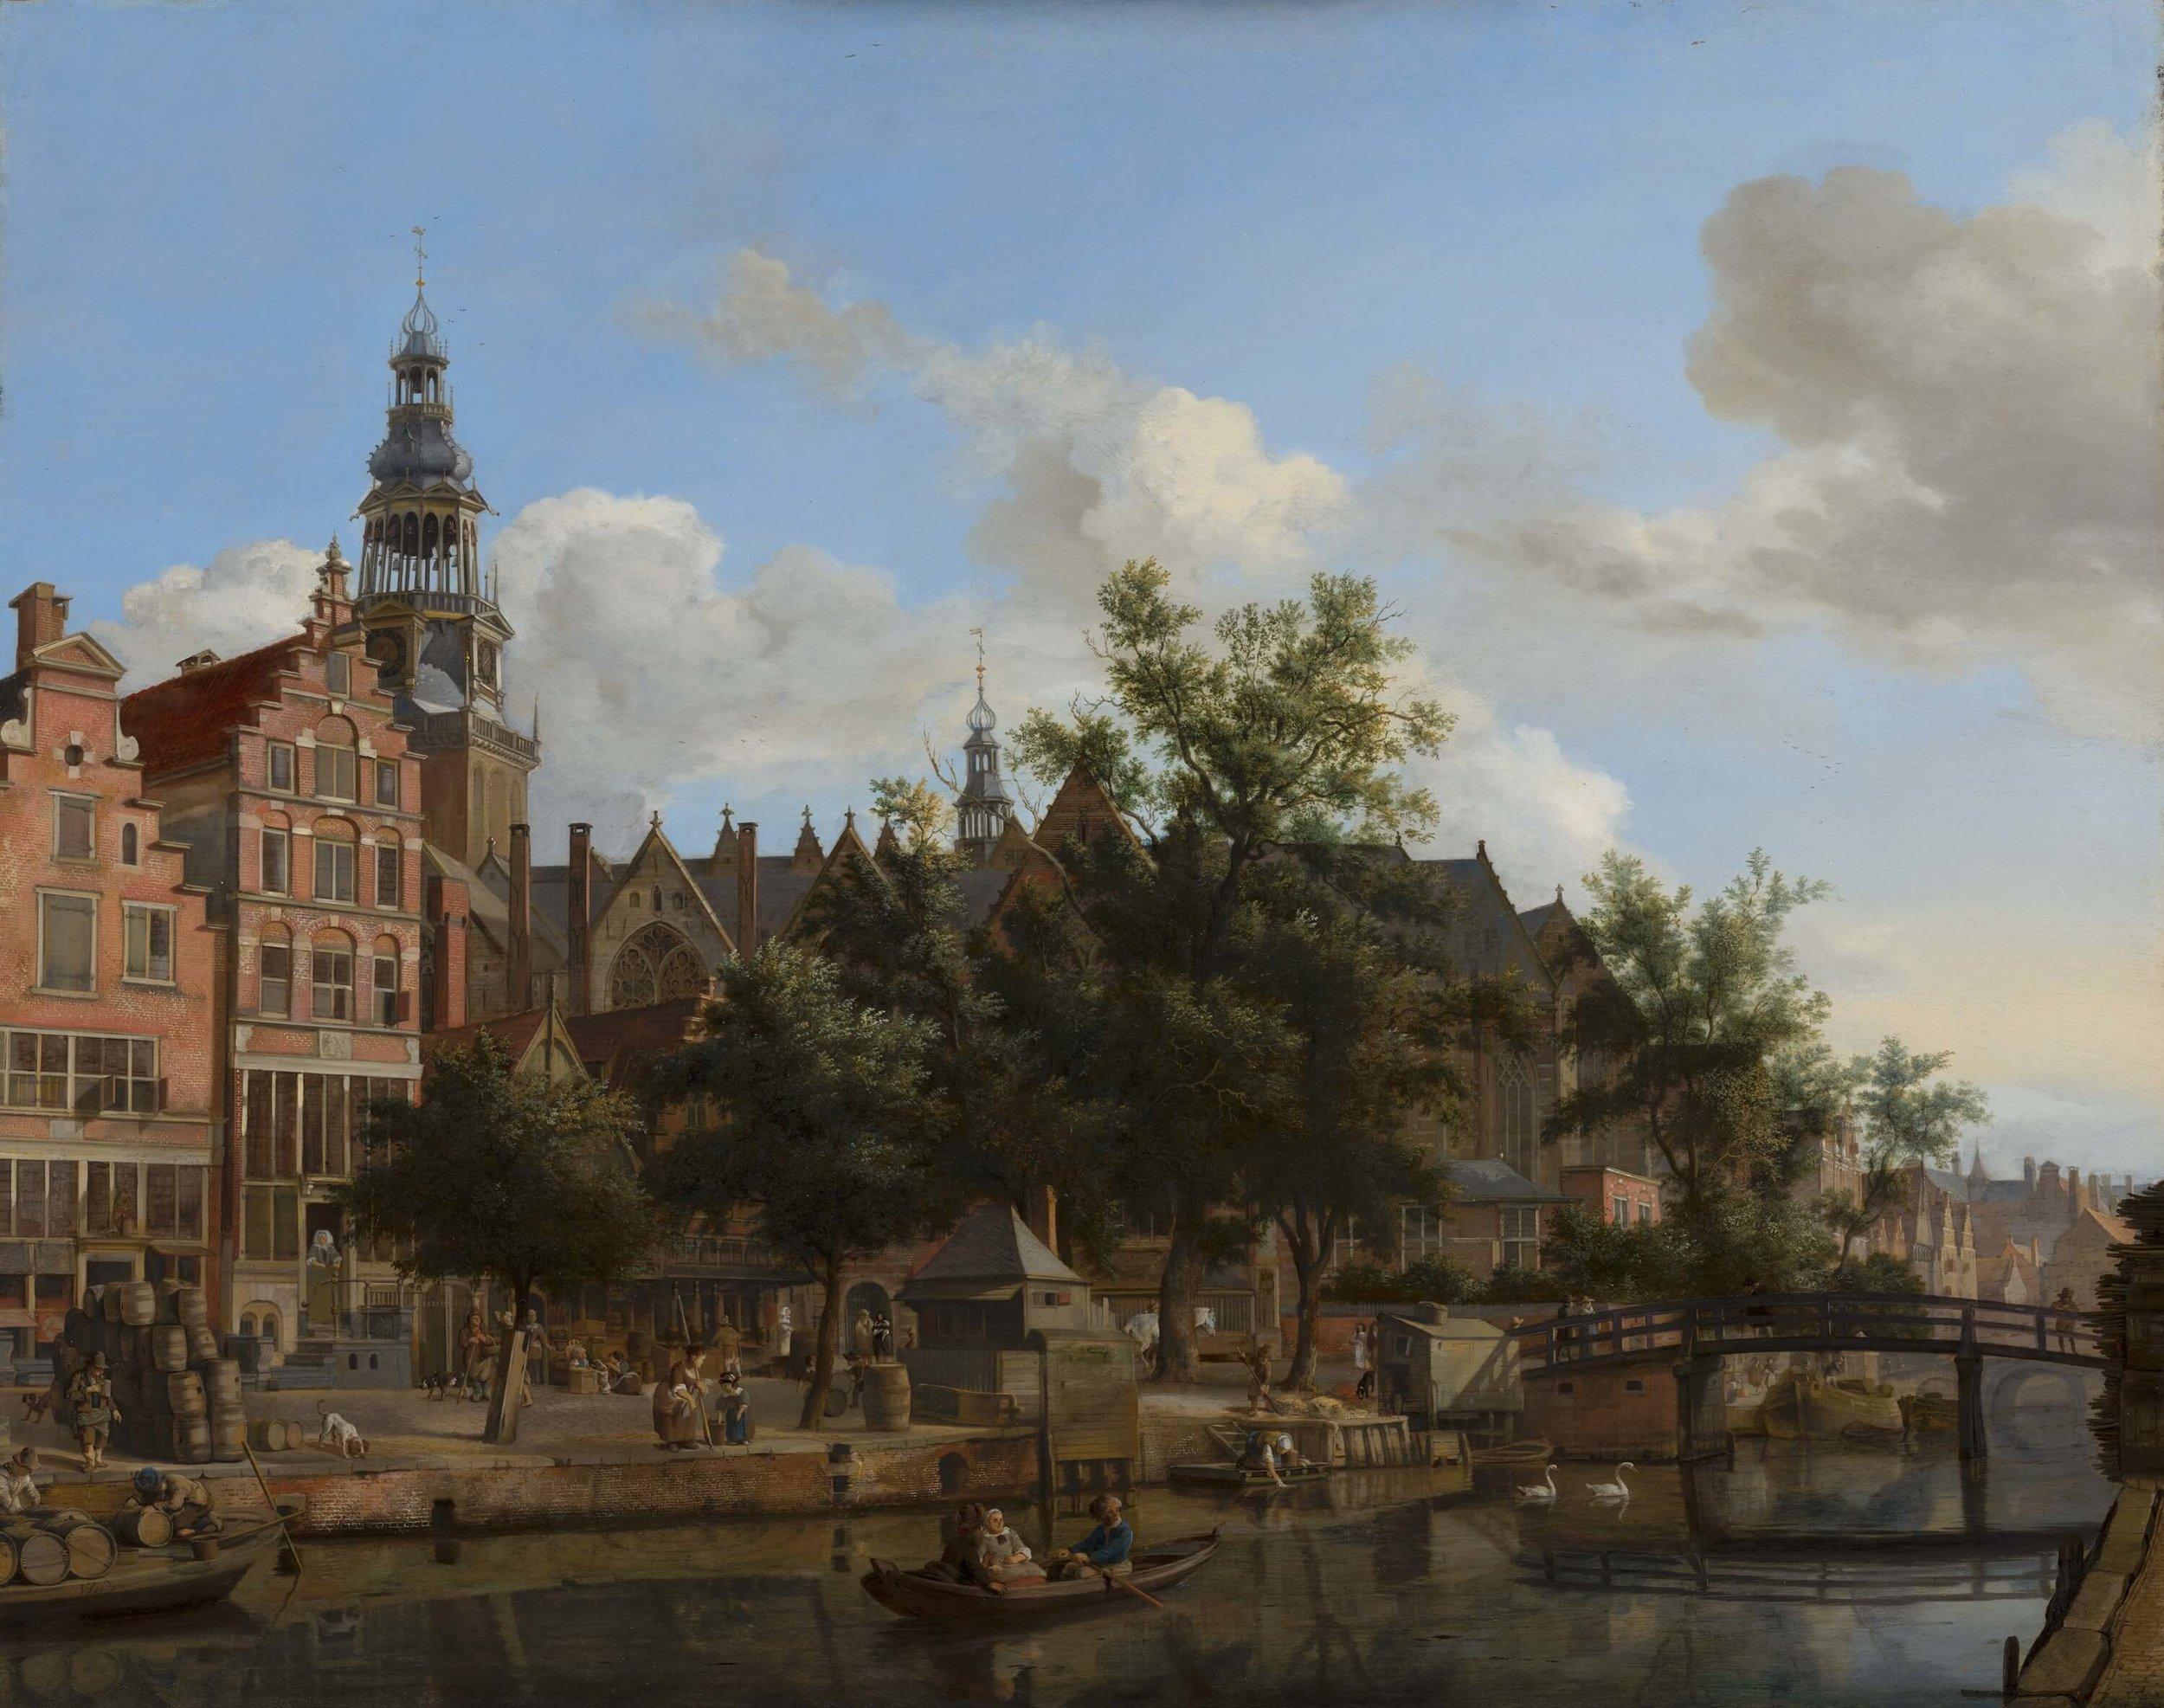 Painting by Jan van der Heyden called 'Gezicht op de Oudezijds Voorburgwal met de Oude Kerk in Amsterdam'